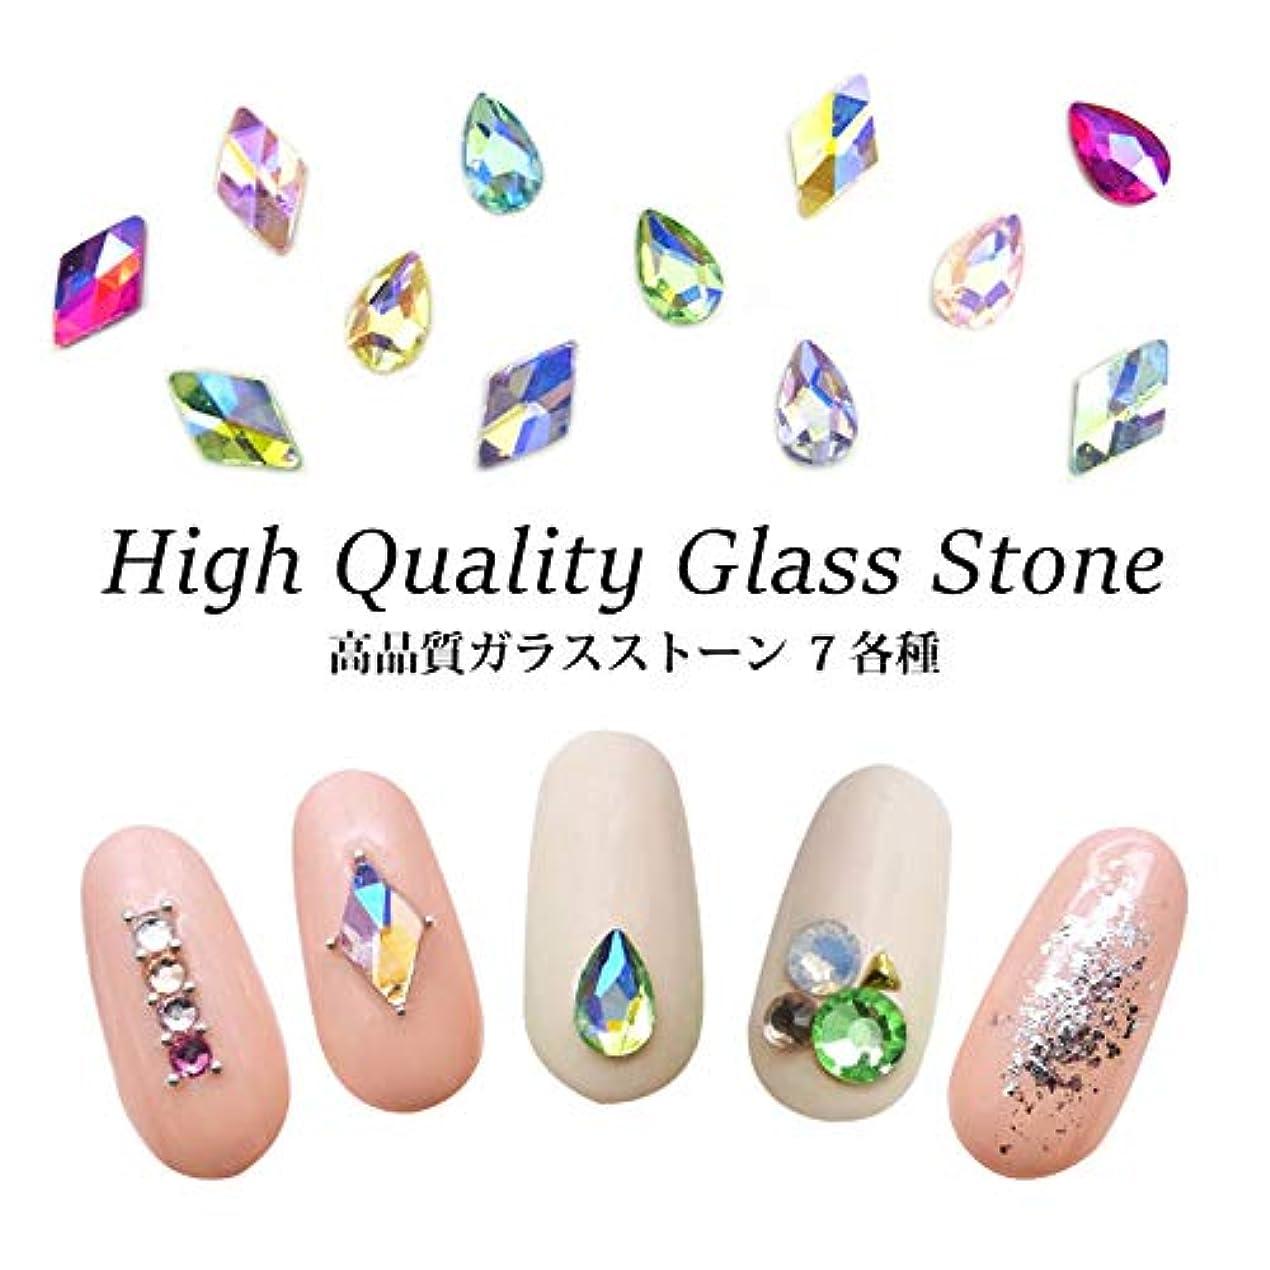 五月ブラシオーバーフロー高品質 ガラスストーン 7 各種 5個入り (ランバス, 3.ライトローズブルームーン)